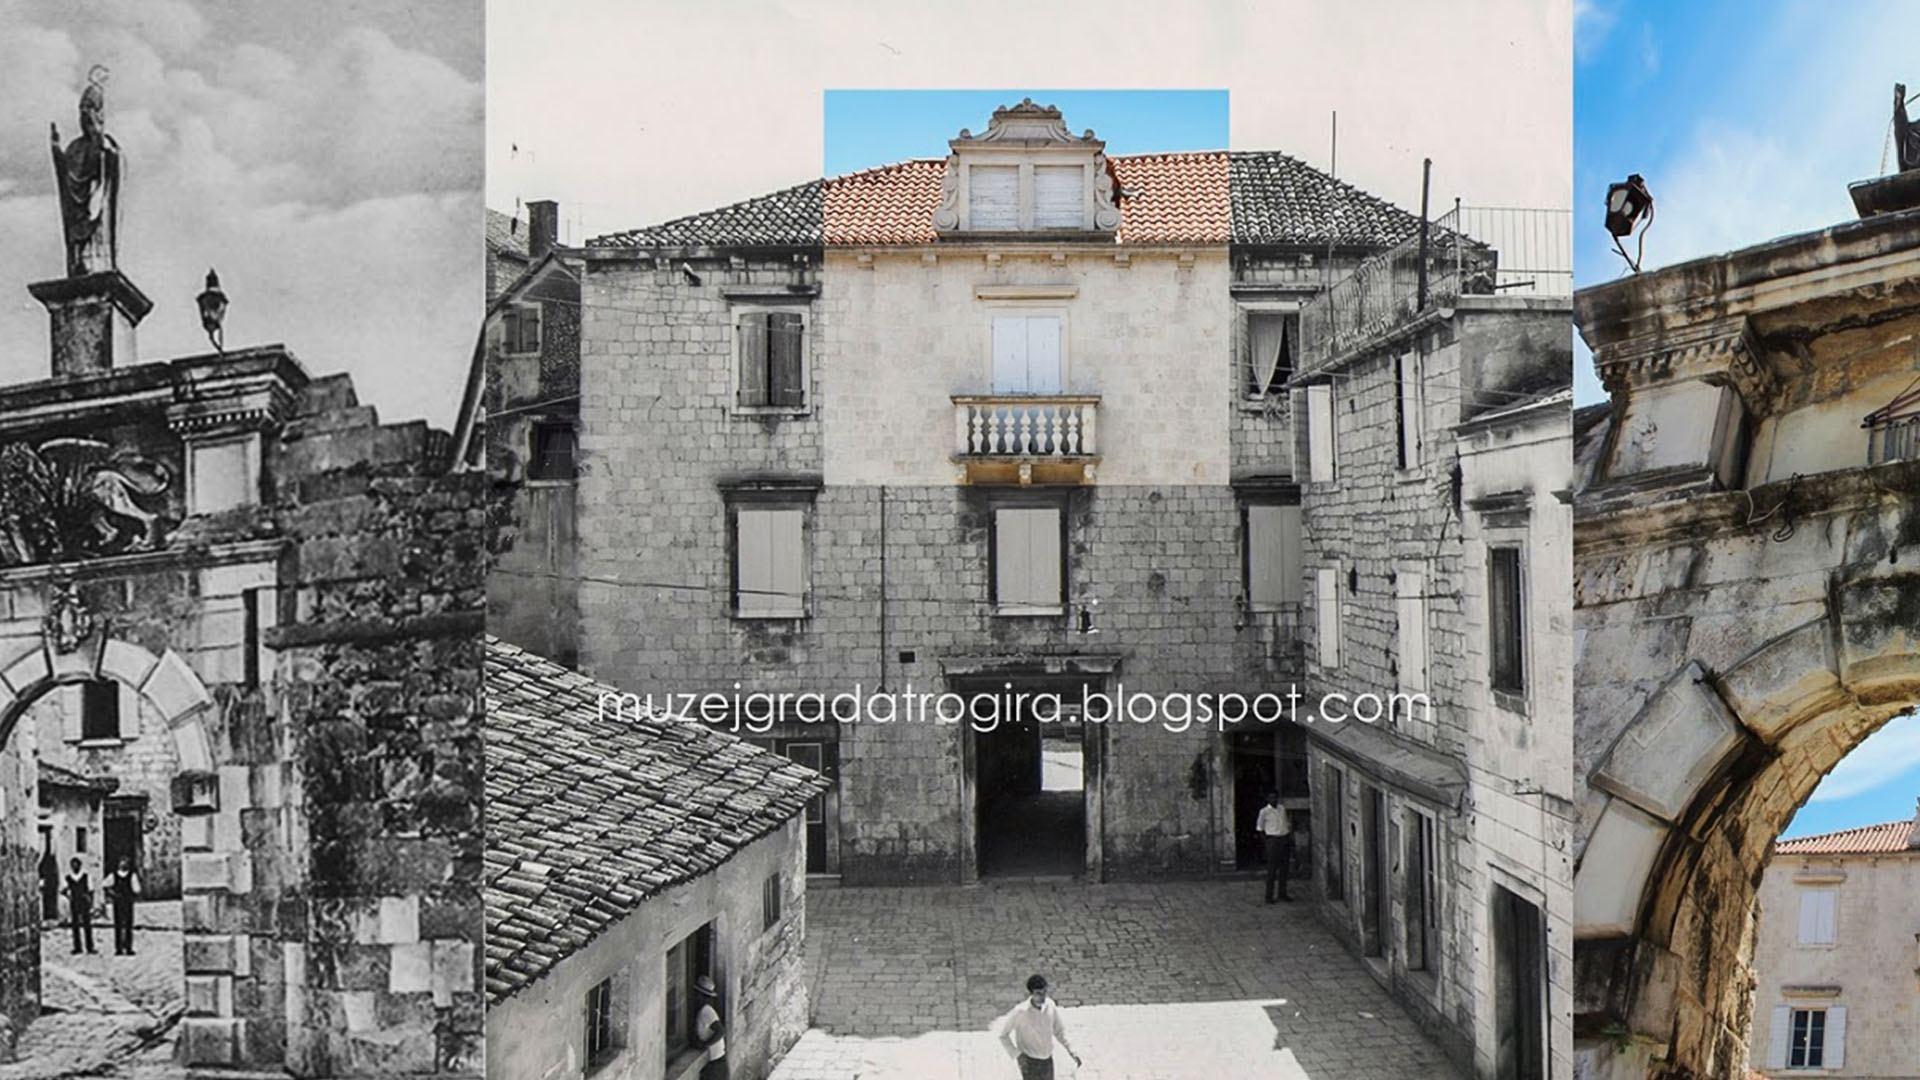 Ka' novi je!: Restauriran Kraljski Dalmatin